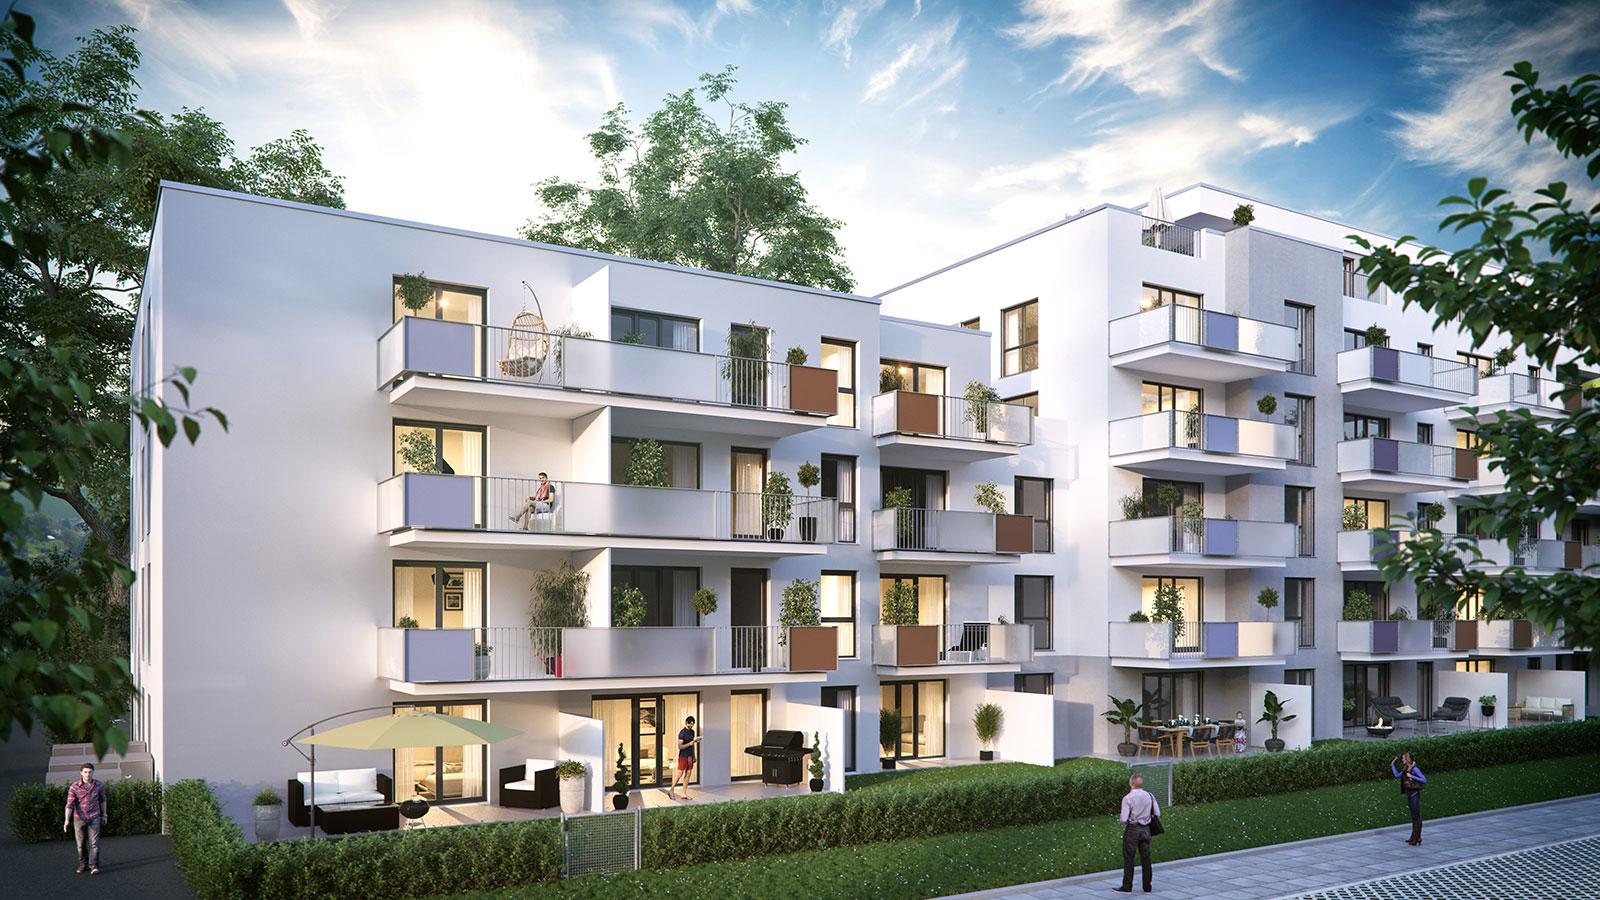 Eigentumswohnung in der balbiererstrasse f rth for Eigentumswohnung